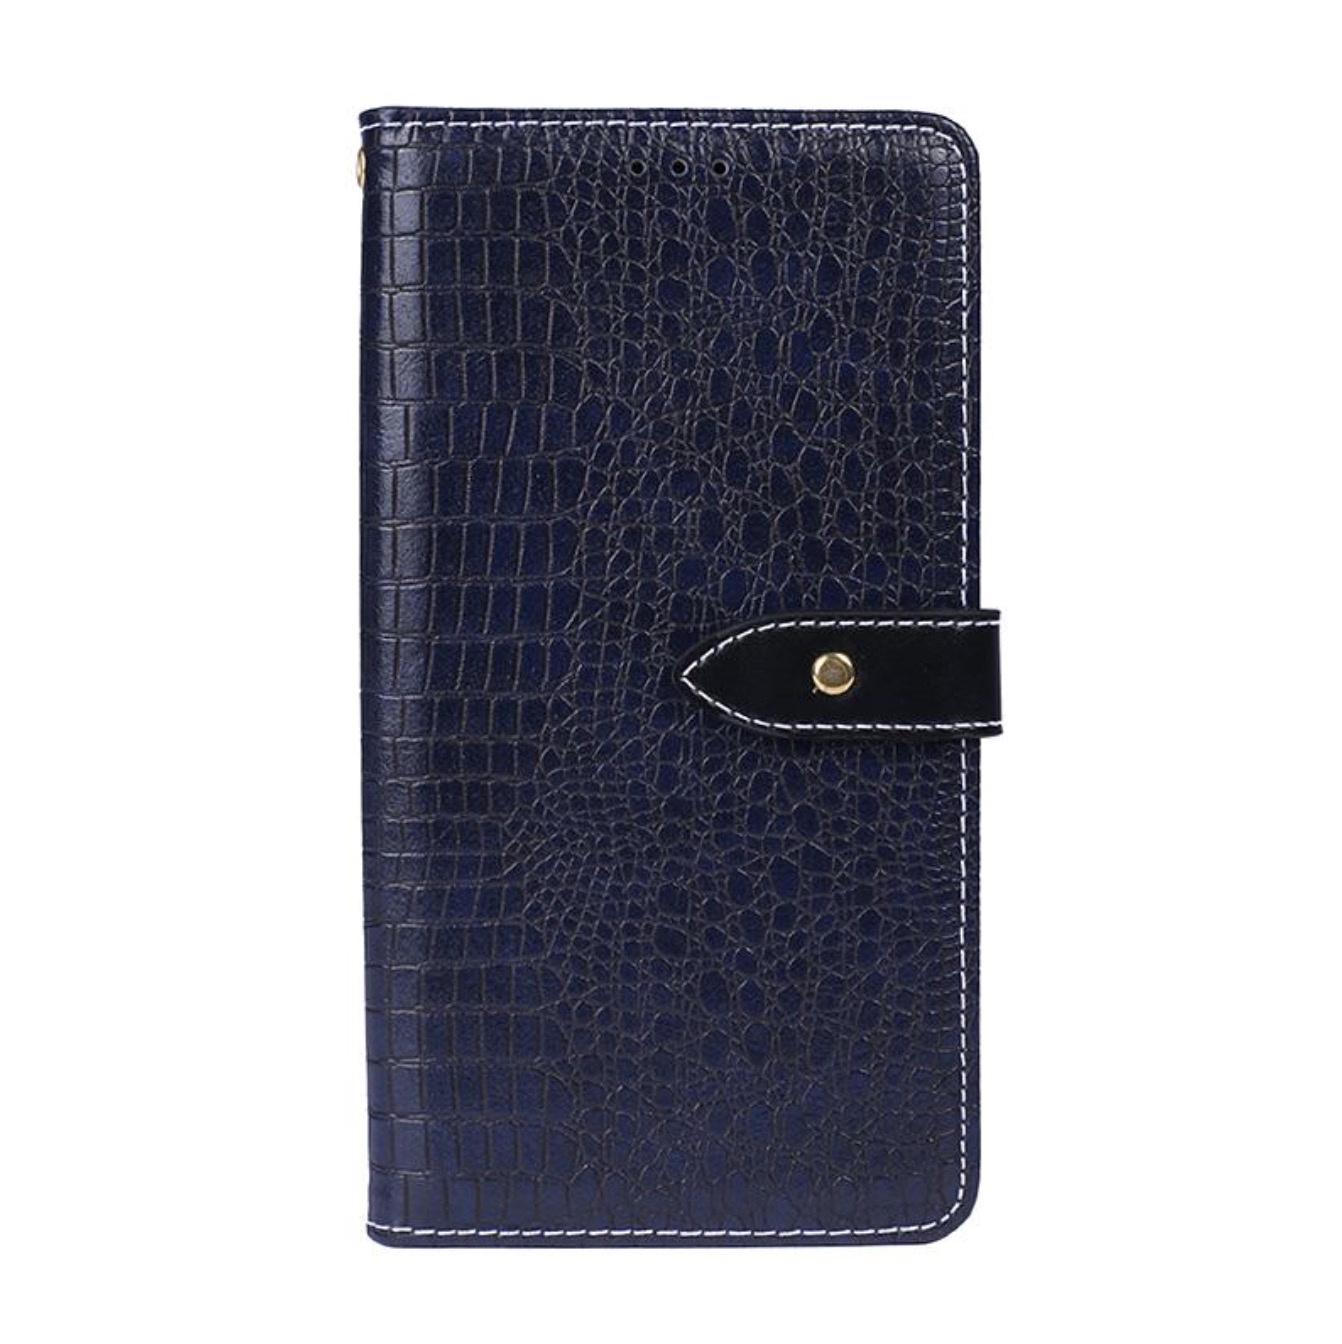 Чехол-книжка MyPads для Huawei Honor 10i / Enjoy 9S / P Smart Plus 2019 с фактурной прошивкой рельефа кожи крокодила с застежкой и визитницей синий